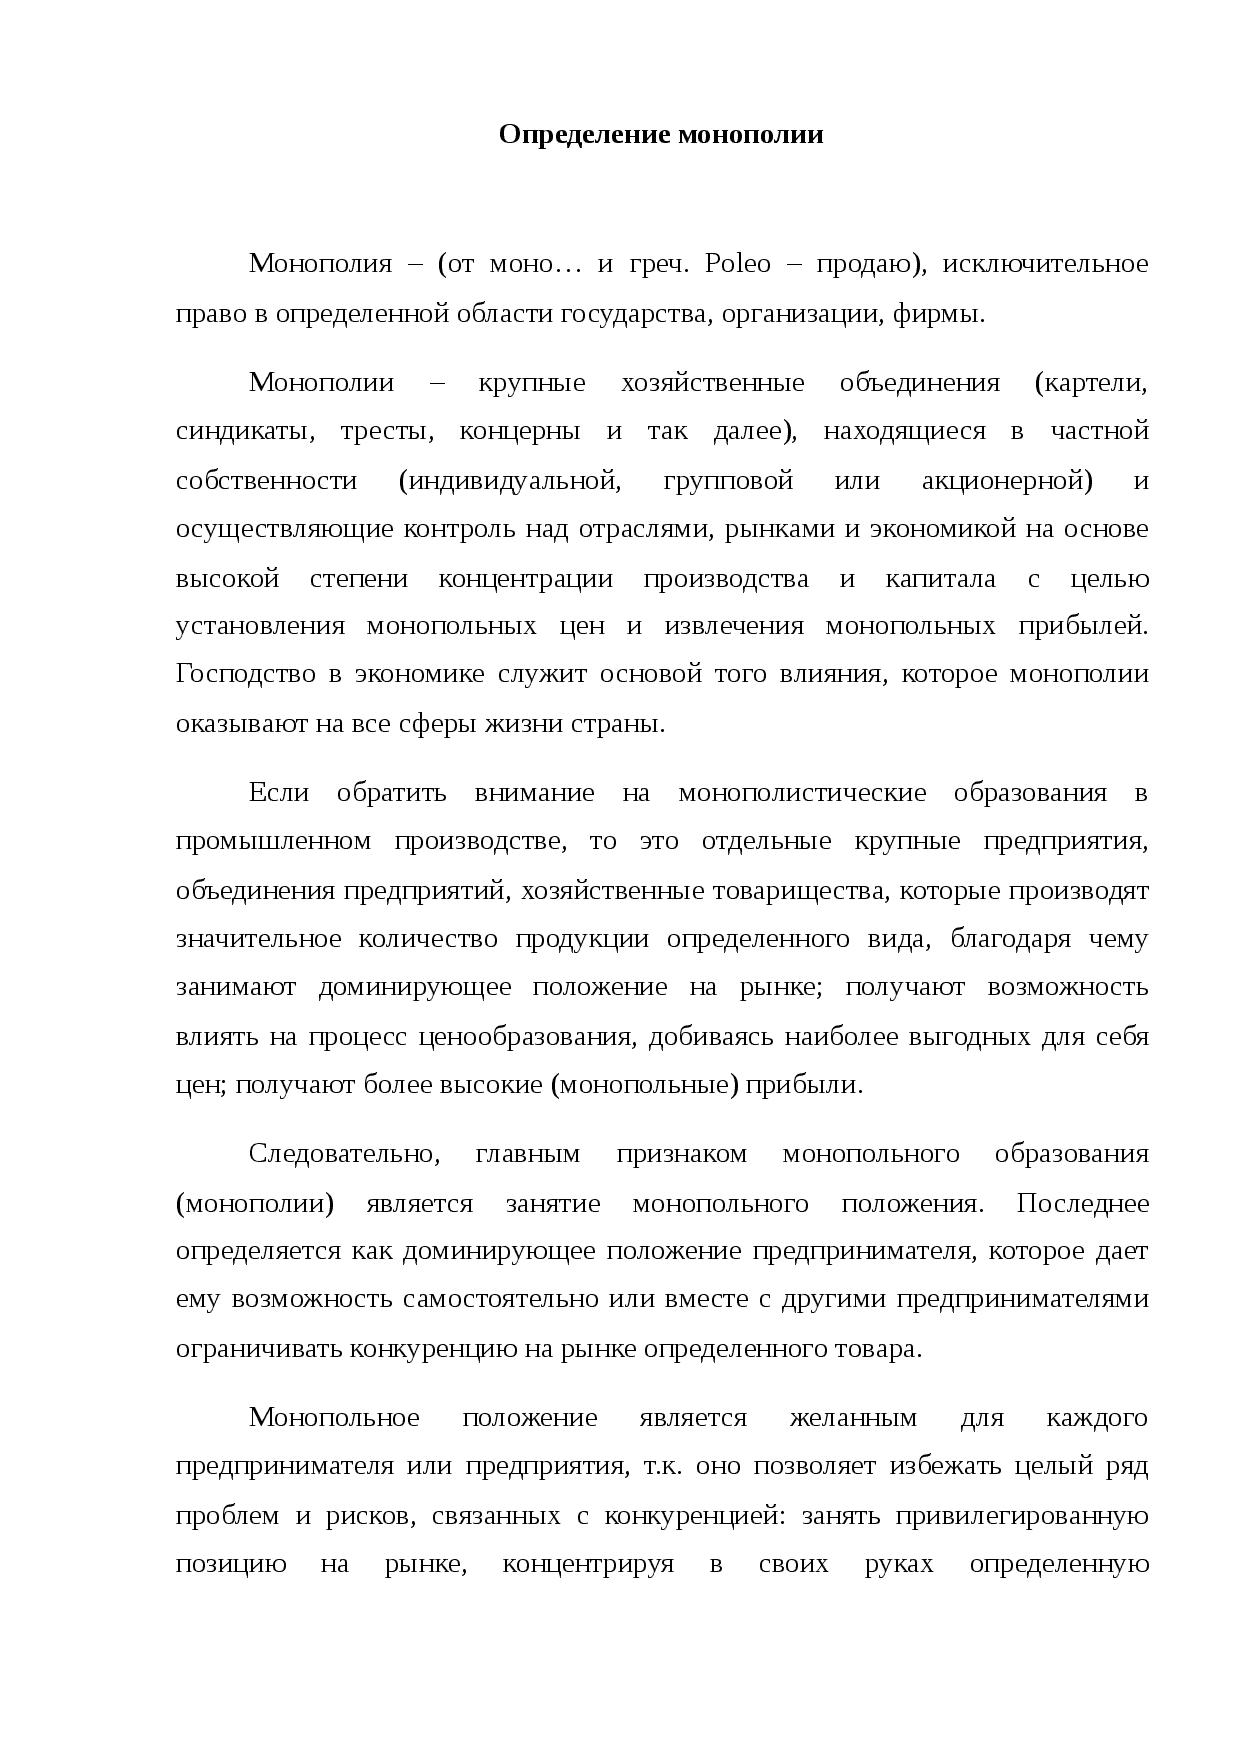 Что такое картель? определение, примеры :: syl.ru